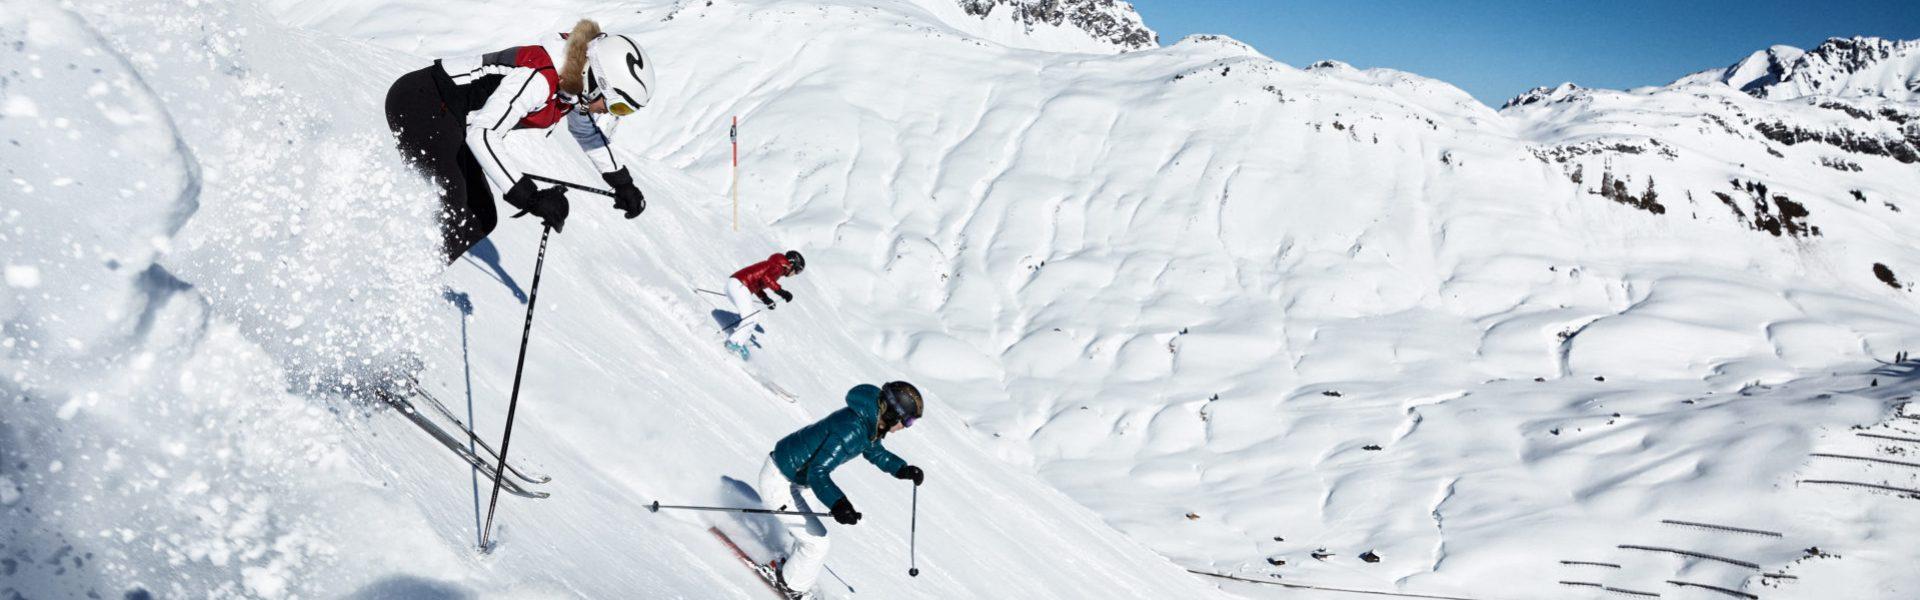 Skifahren im Skigebiet Warth-Schröcken im Bregenzerwald © Adolf Bereuter / Bregenzerwald Tourismus